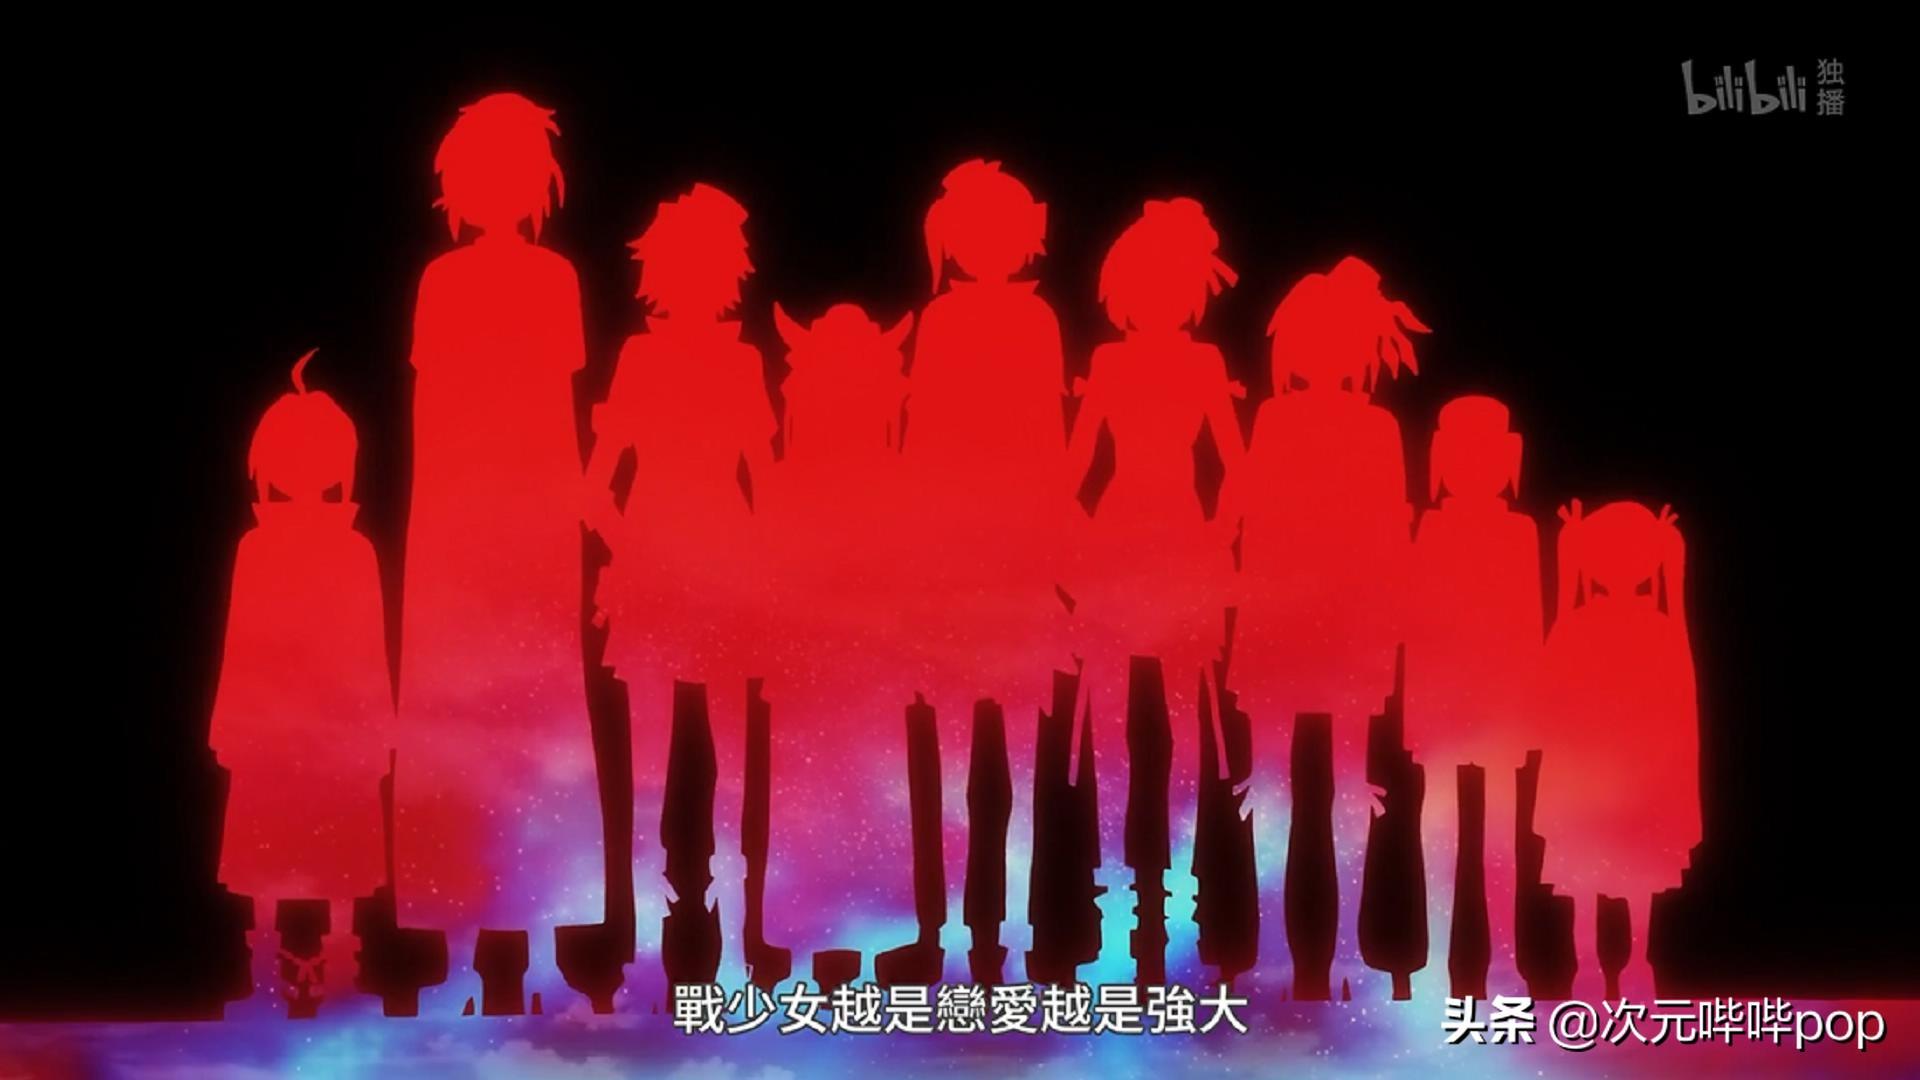 9個妹子同時白送男主,反派攻擊成裡番鏡頭,這部動畫到底什麼鬼